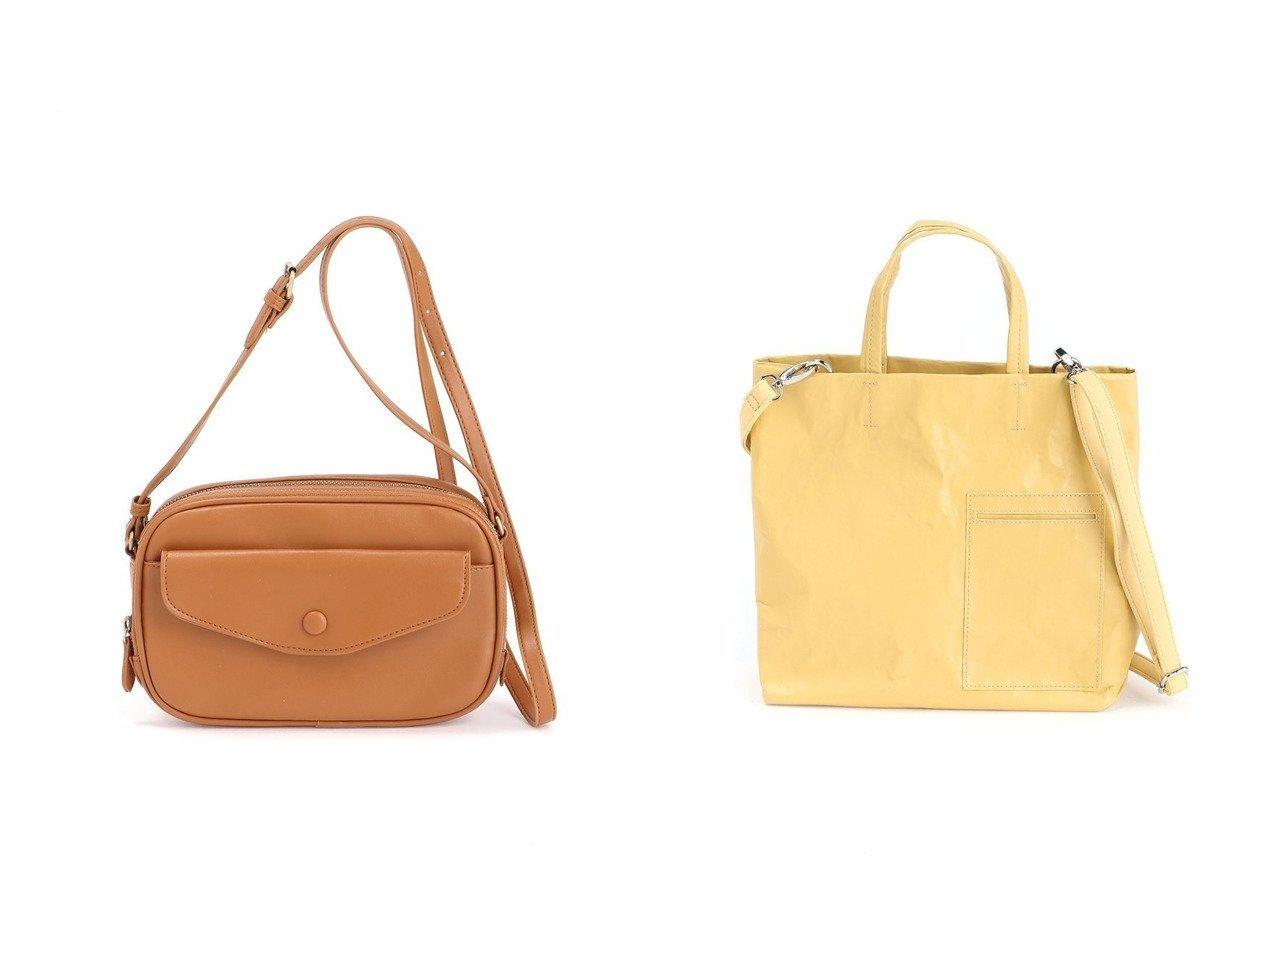 【studio CLIP/スタディオ クリップ】のPUフロントポケットお財布ショルダーバッグ&PUペーパーライクトート バッグ・鞄のおすすめ!人気、トレンド・レディースファッションの通販 おすすめで人気の流行・トレンド、ファッションの通販商品 メンズファッション・キッズファッション・インテリア・家具・レディースファッション・服の通販 founy(ファニー) https://founy.com/ ファッション Fashion レディースファッション WOMEN バッグ Bag 財布 Wallets NEW・新作・新着・新入荷 New Arrivals フロント ポケット リップ 財布 ショルダー マグネット  ID:crp329100000016348